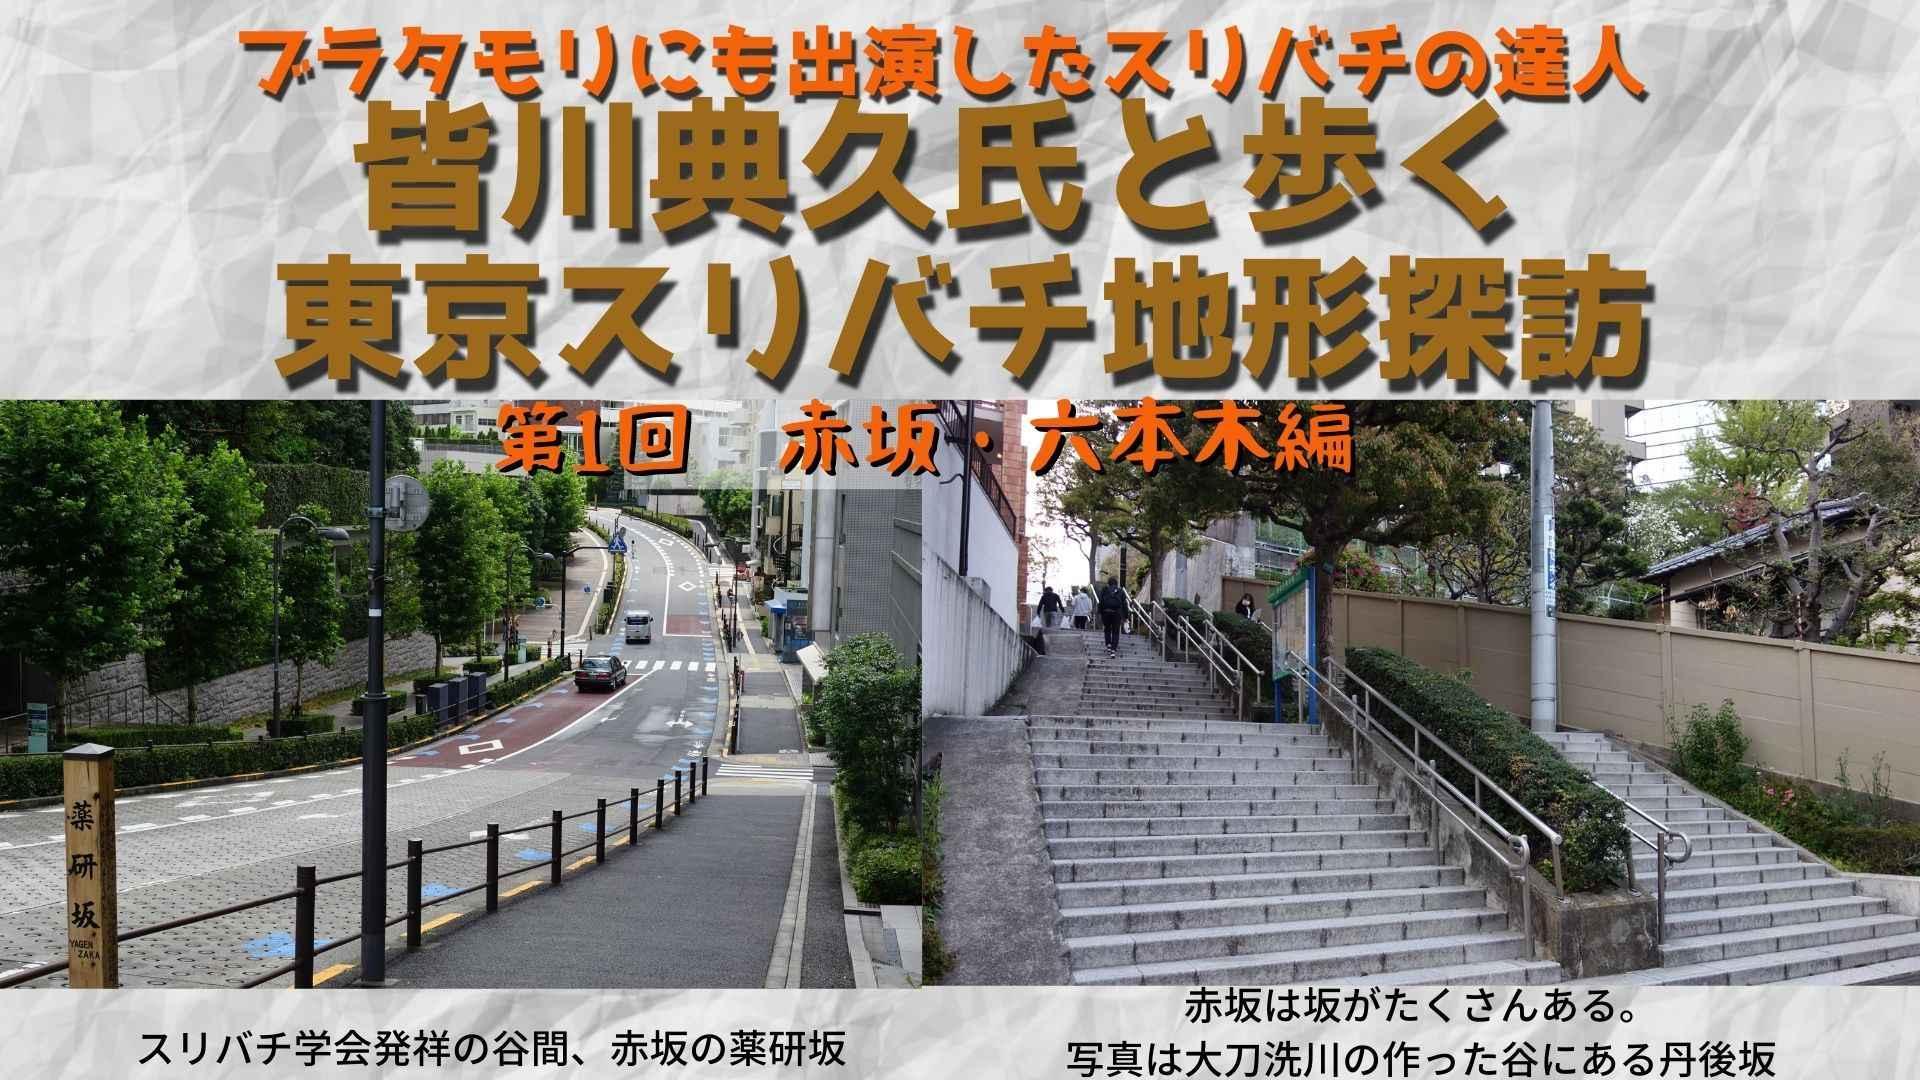 【オンライン】皆川典久氏と歩く東京スリバチ地形探訪